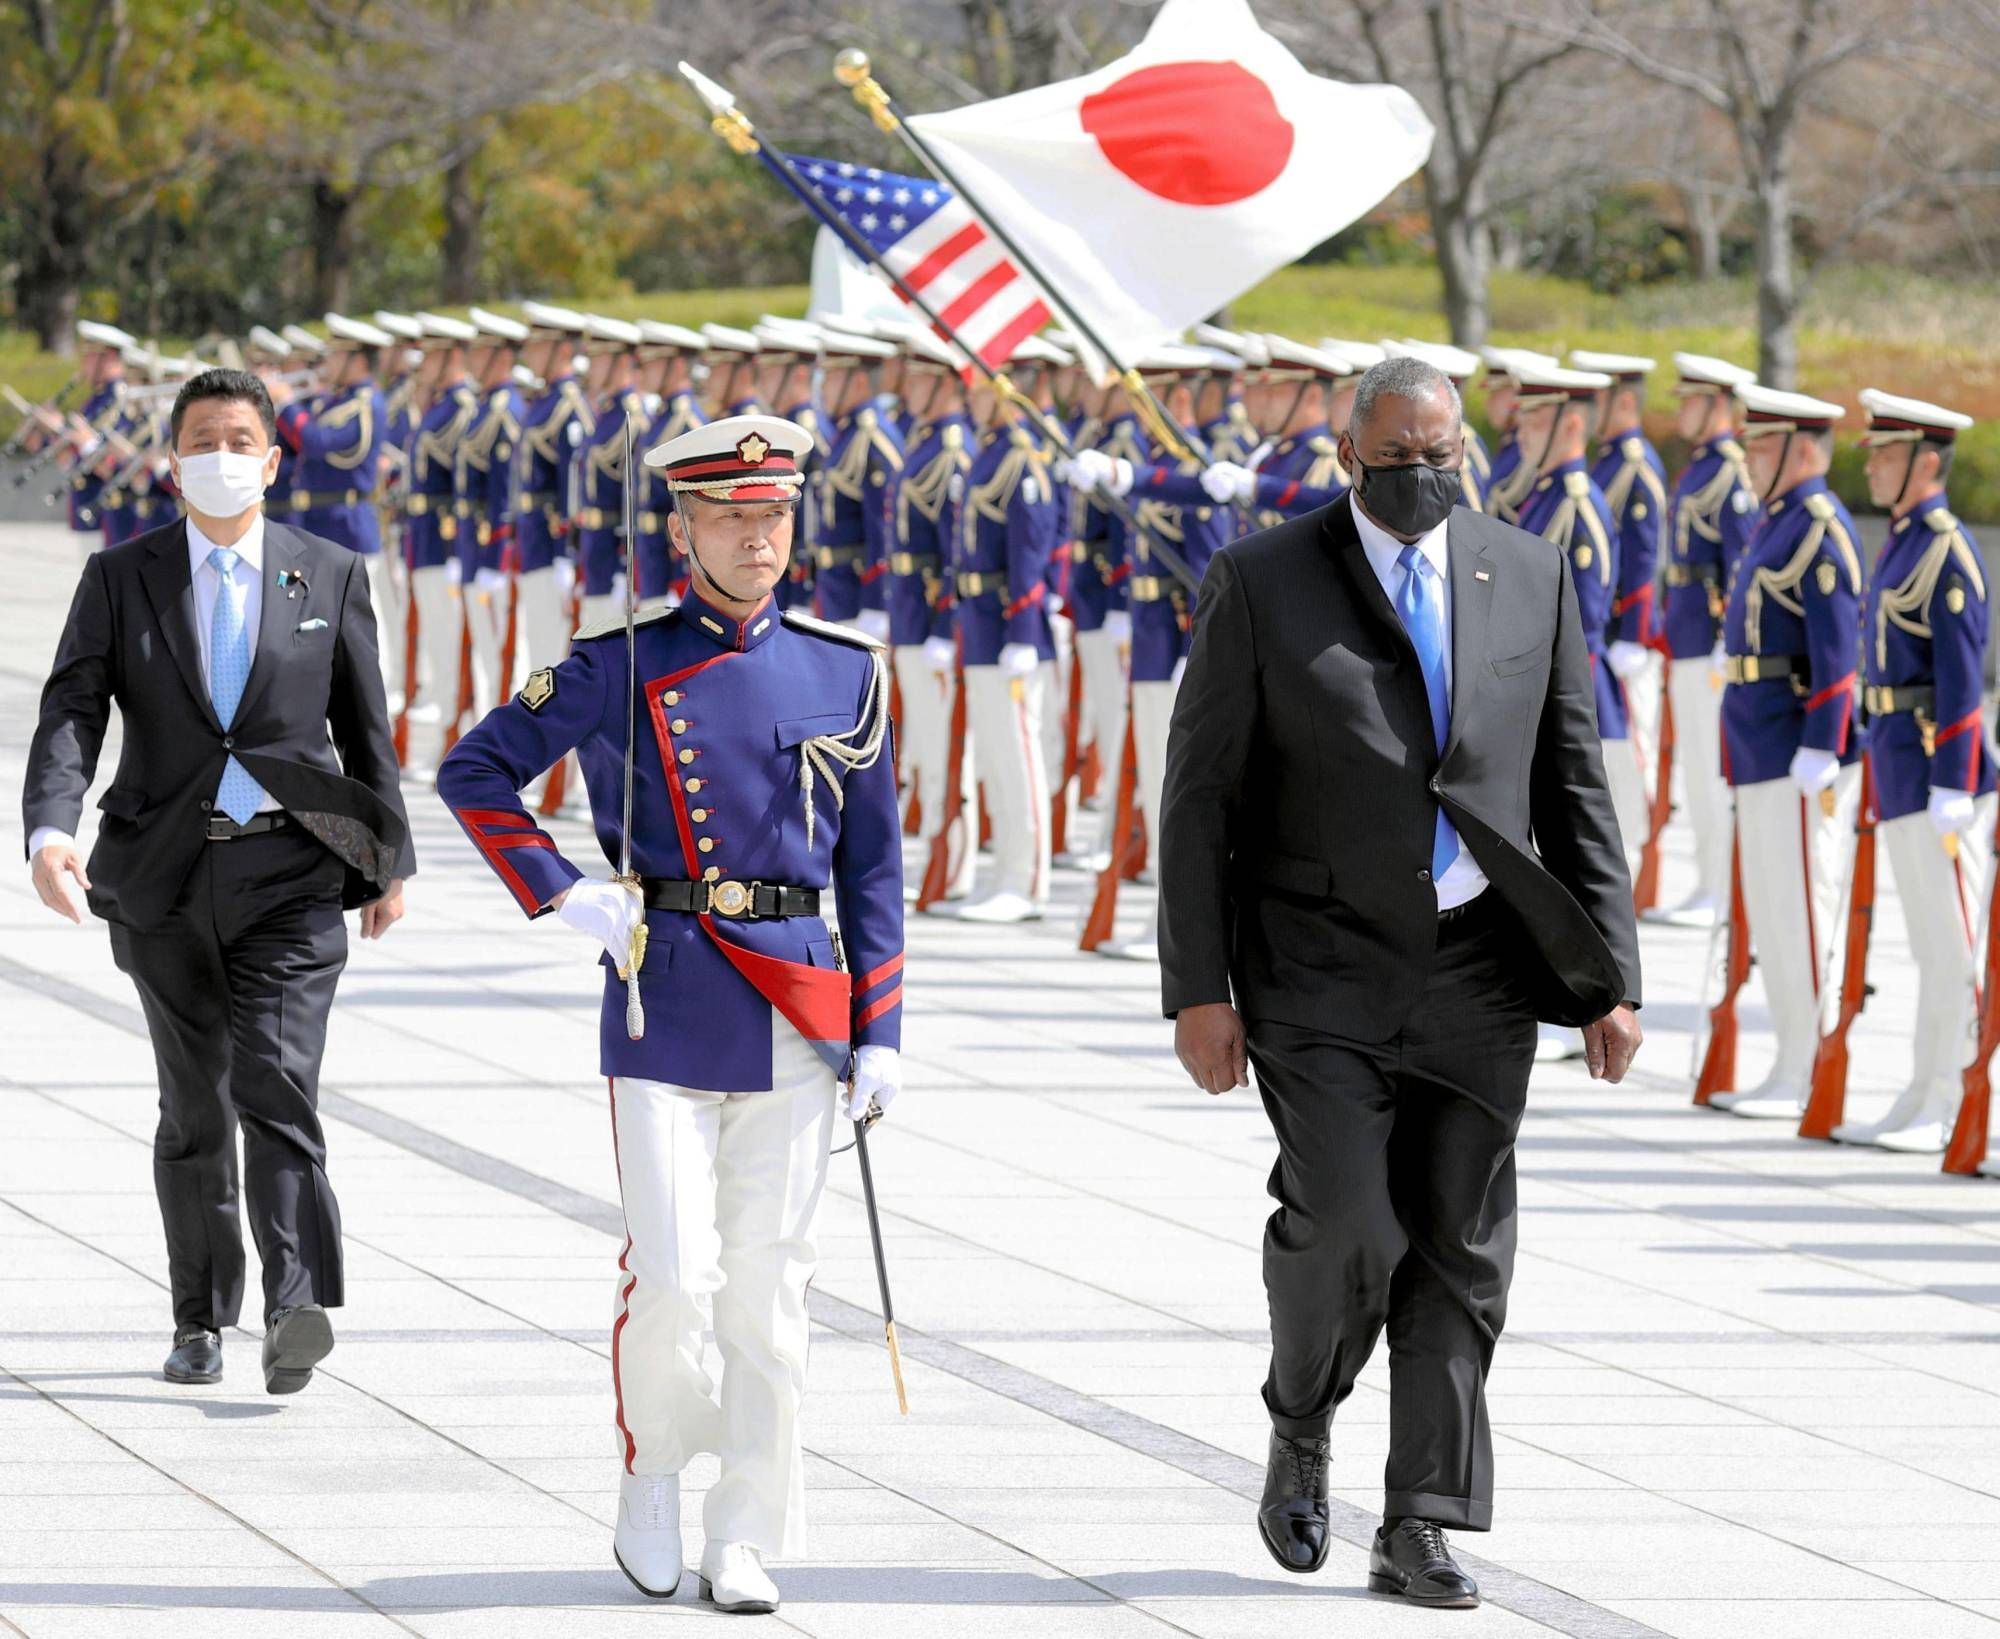 Japan and U.S. eye joint military drills focusing on defending Senkakus in emergency (Japan Times)